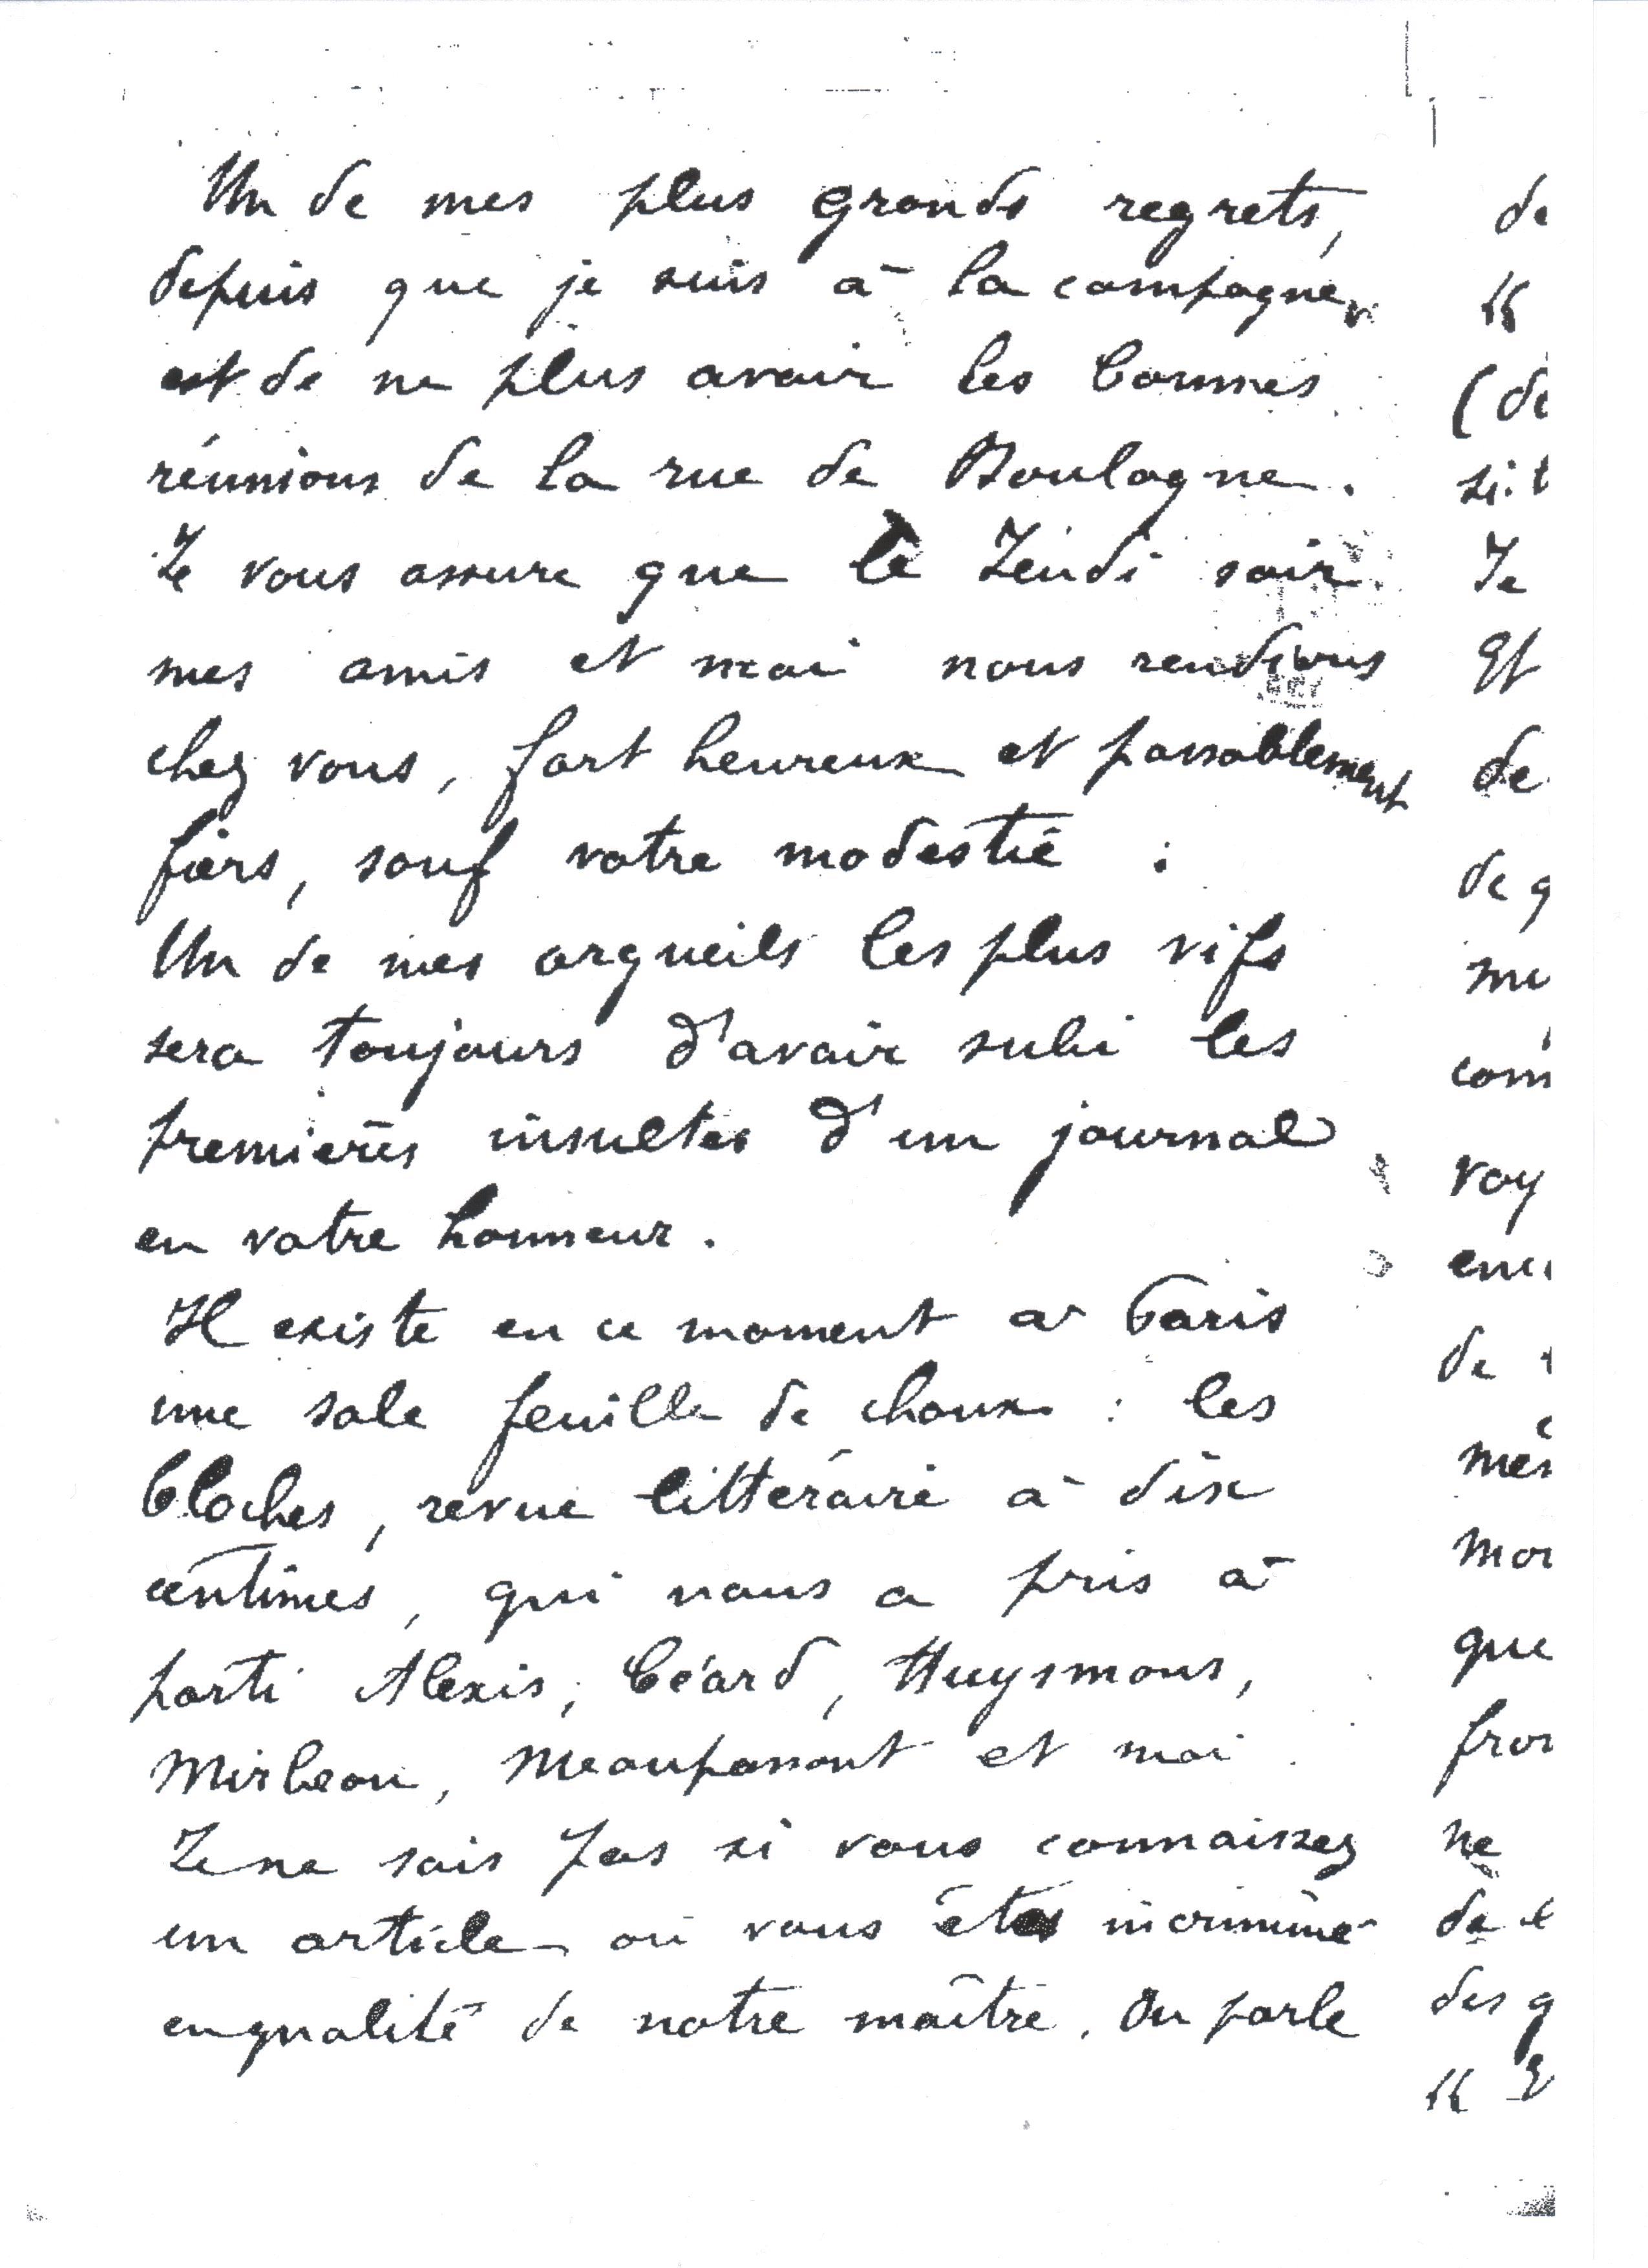 Première lettre connue, datée du 21 juin 1877, envoyée depuis Ribemont à l'Estaque, où Zola écrit Une page d'amour. Page 2/4. BnF, MSS, N. a. f. 24520, f° 118.